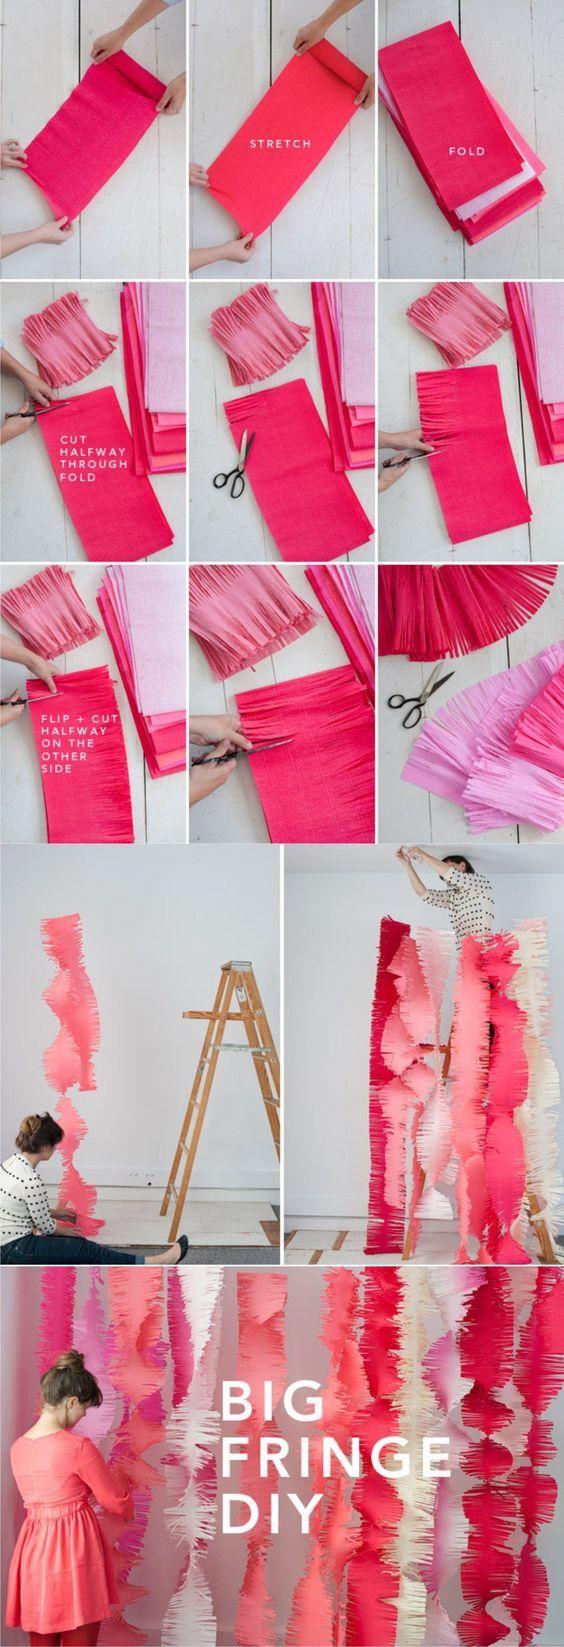 Decoración DIY fiestas papel crepé - ohhappyday.com - Big Fringe DIY: